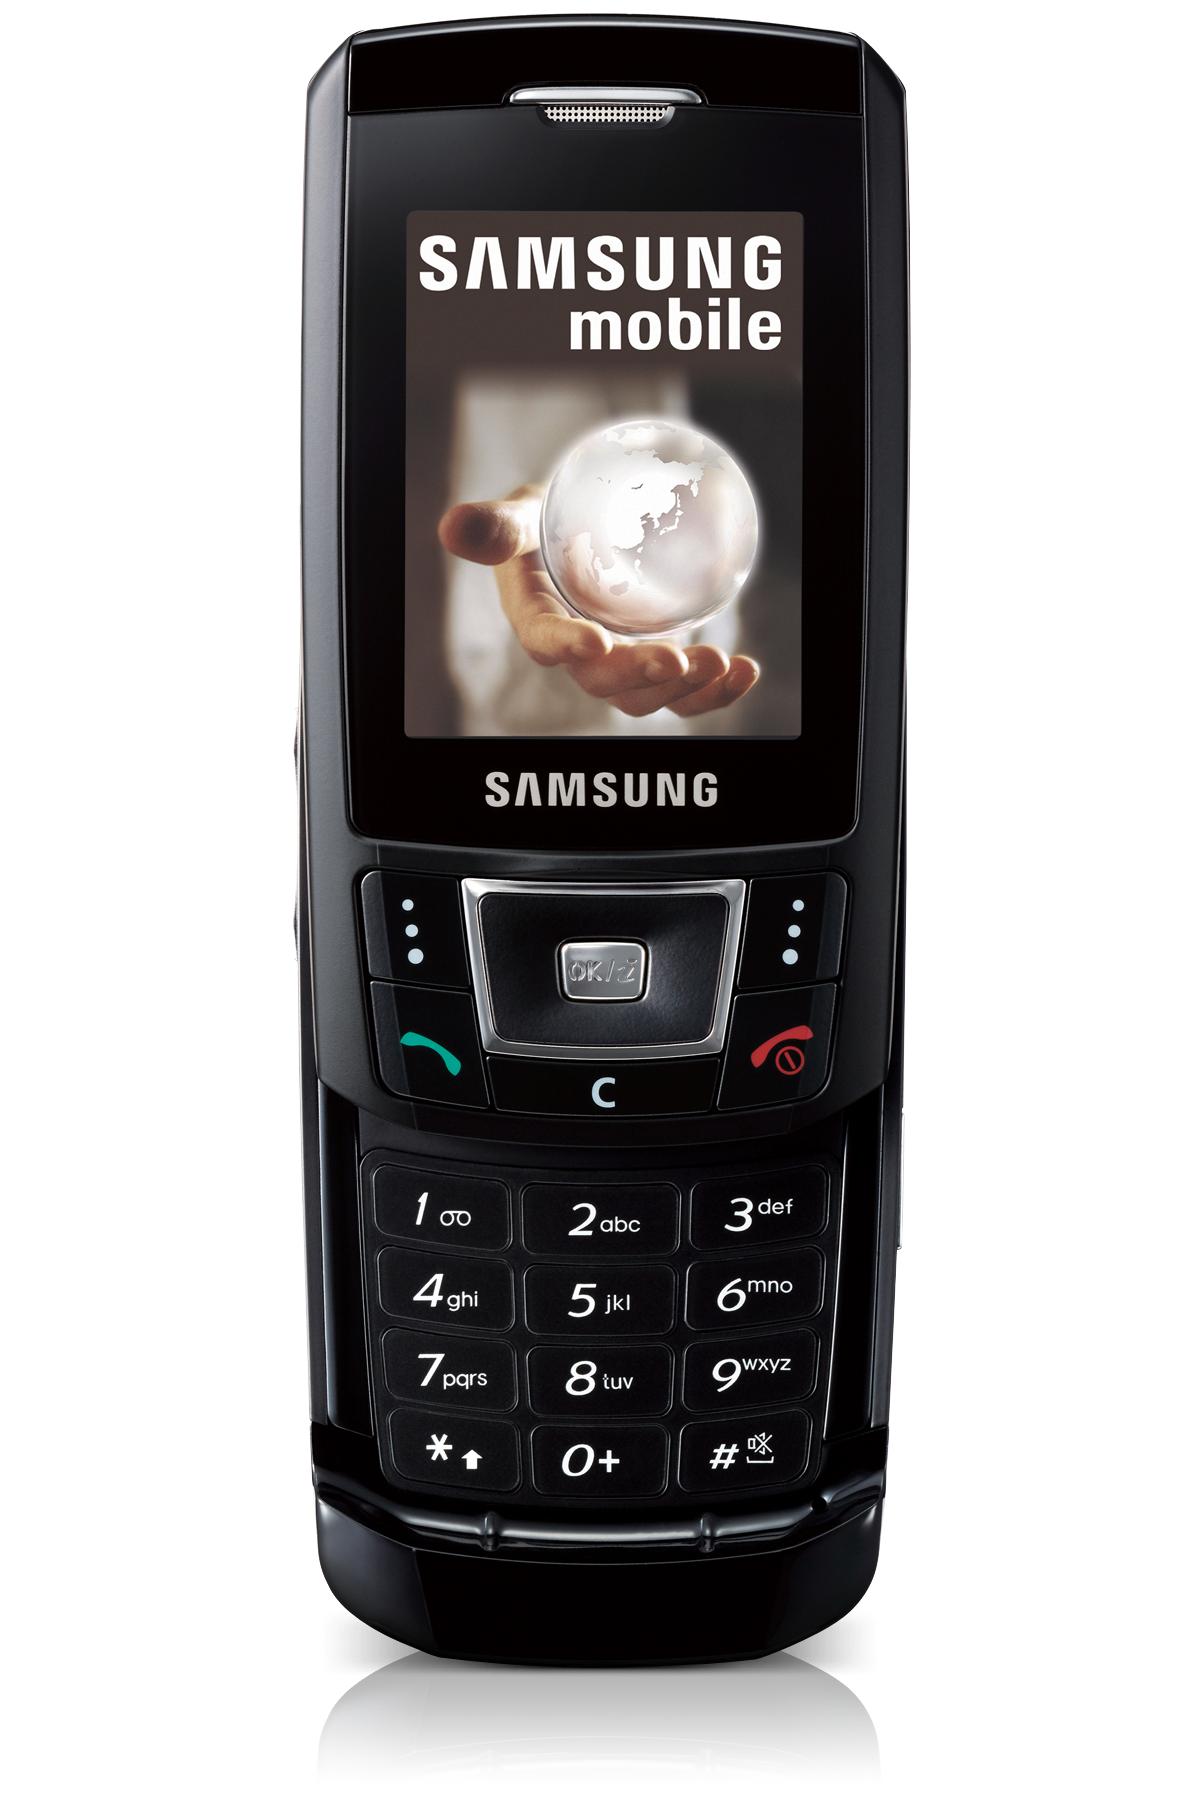 Бытовая техника. Детский Мир. Мобильный телефон Samsung D900i. Портативн